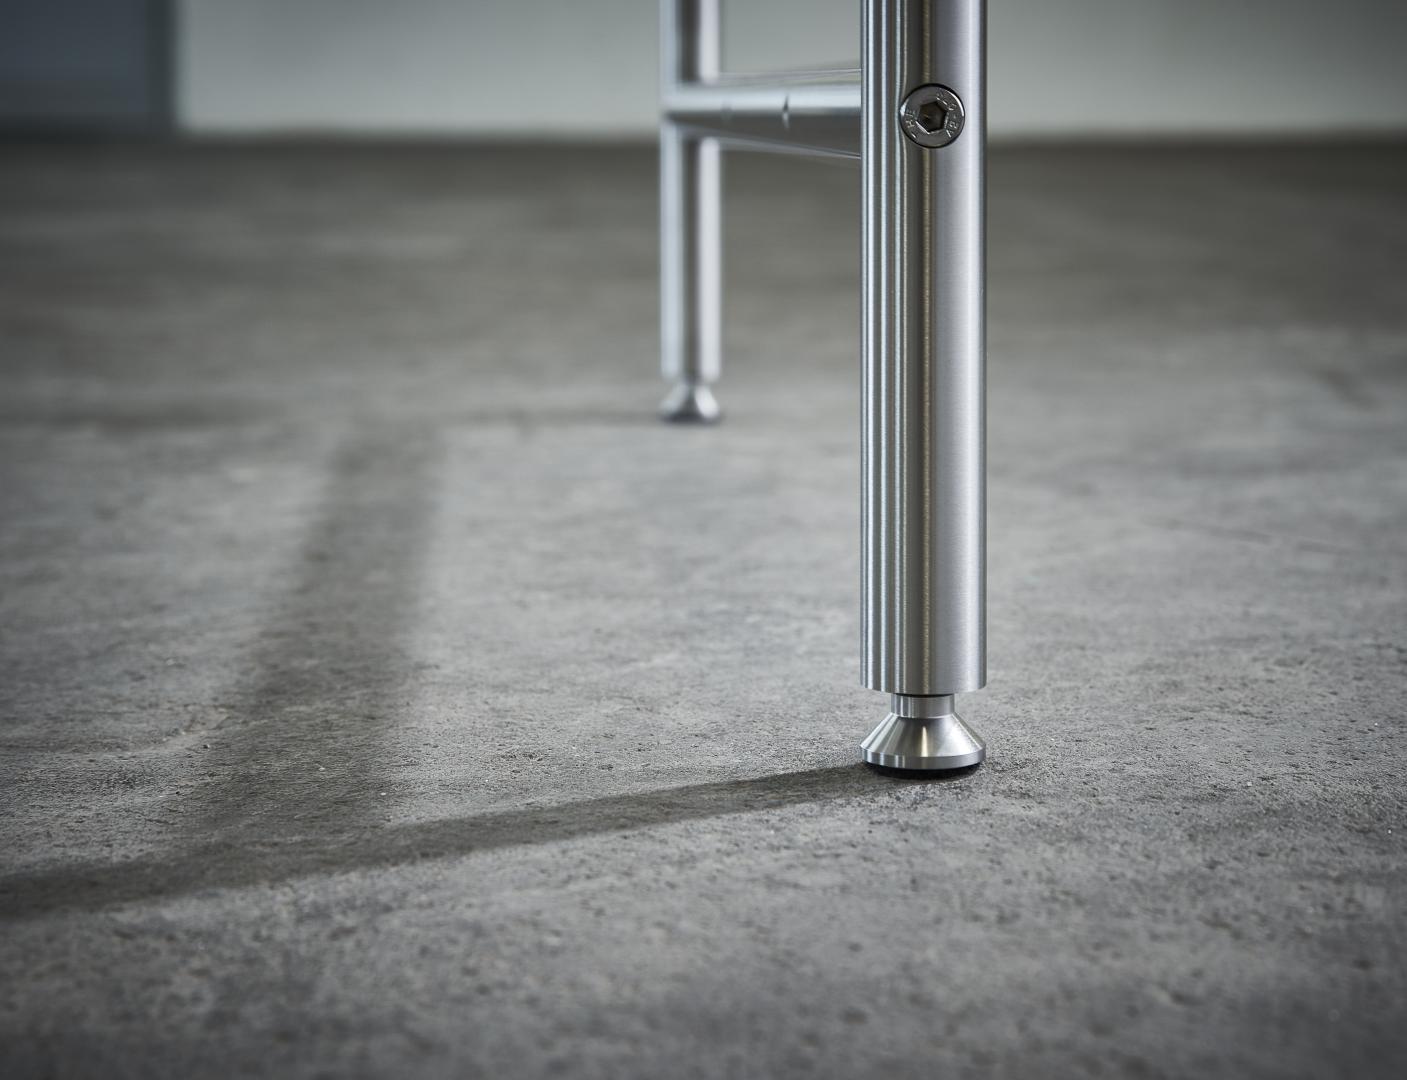 Karlsruher Tisch K1 – Detail: verstellbare Tischfüße mit Filzgleitern